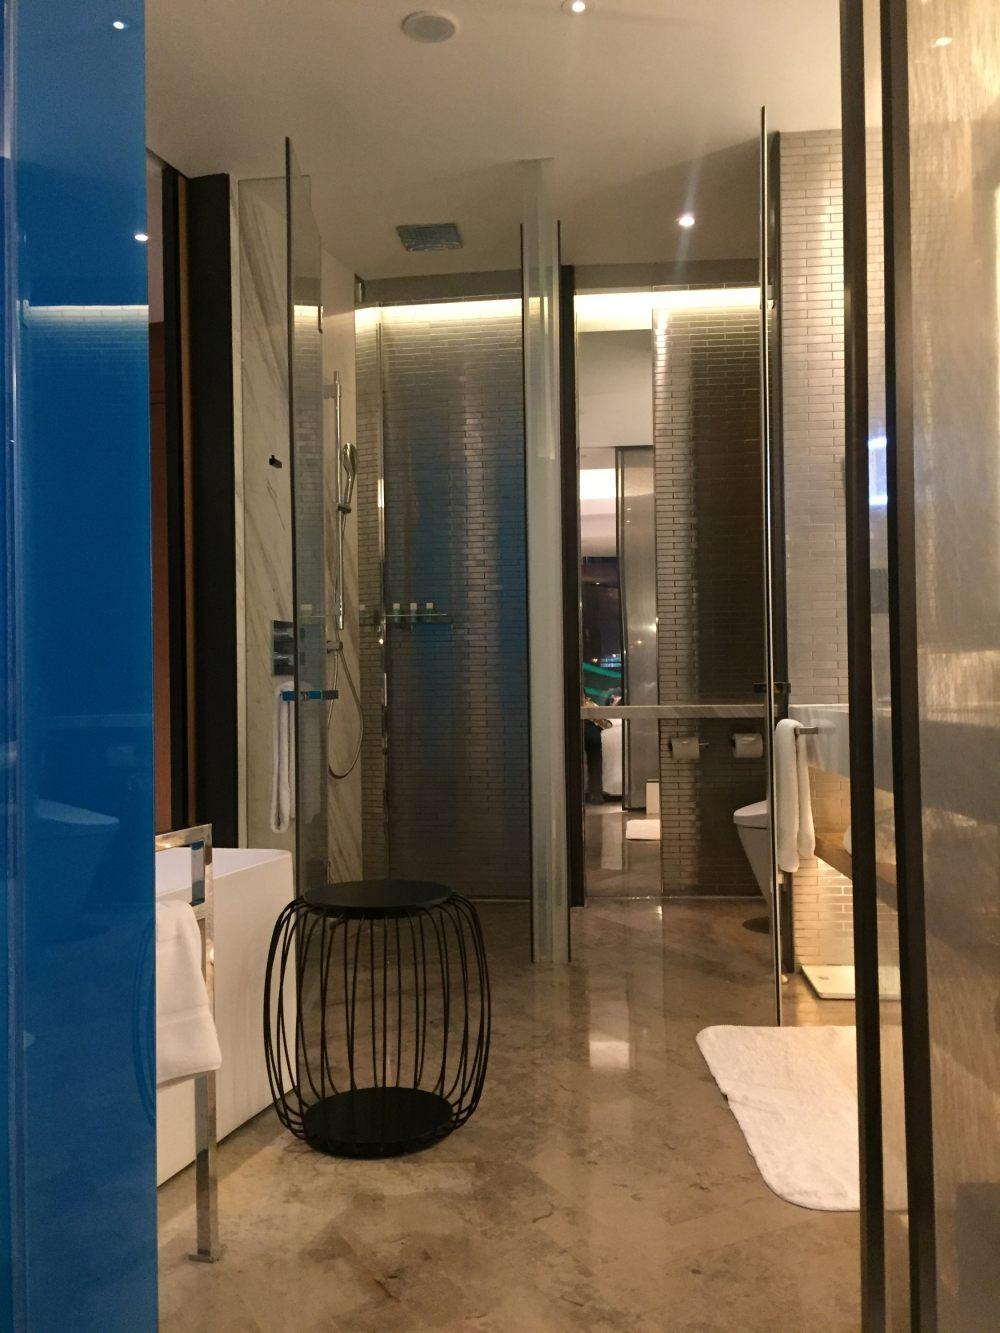 上海外滩W酒店,史上最全入住体验 自拍分享,申请置...._IMG_5857.JPG